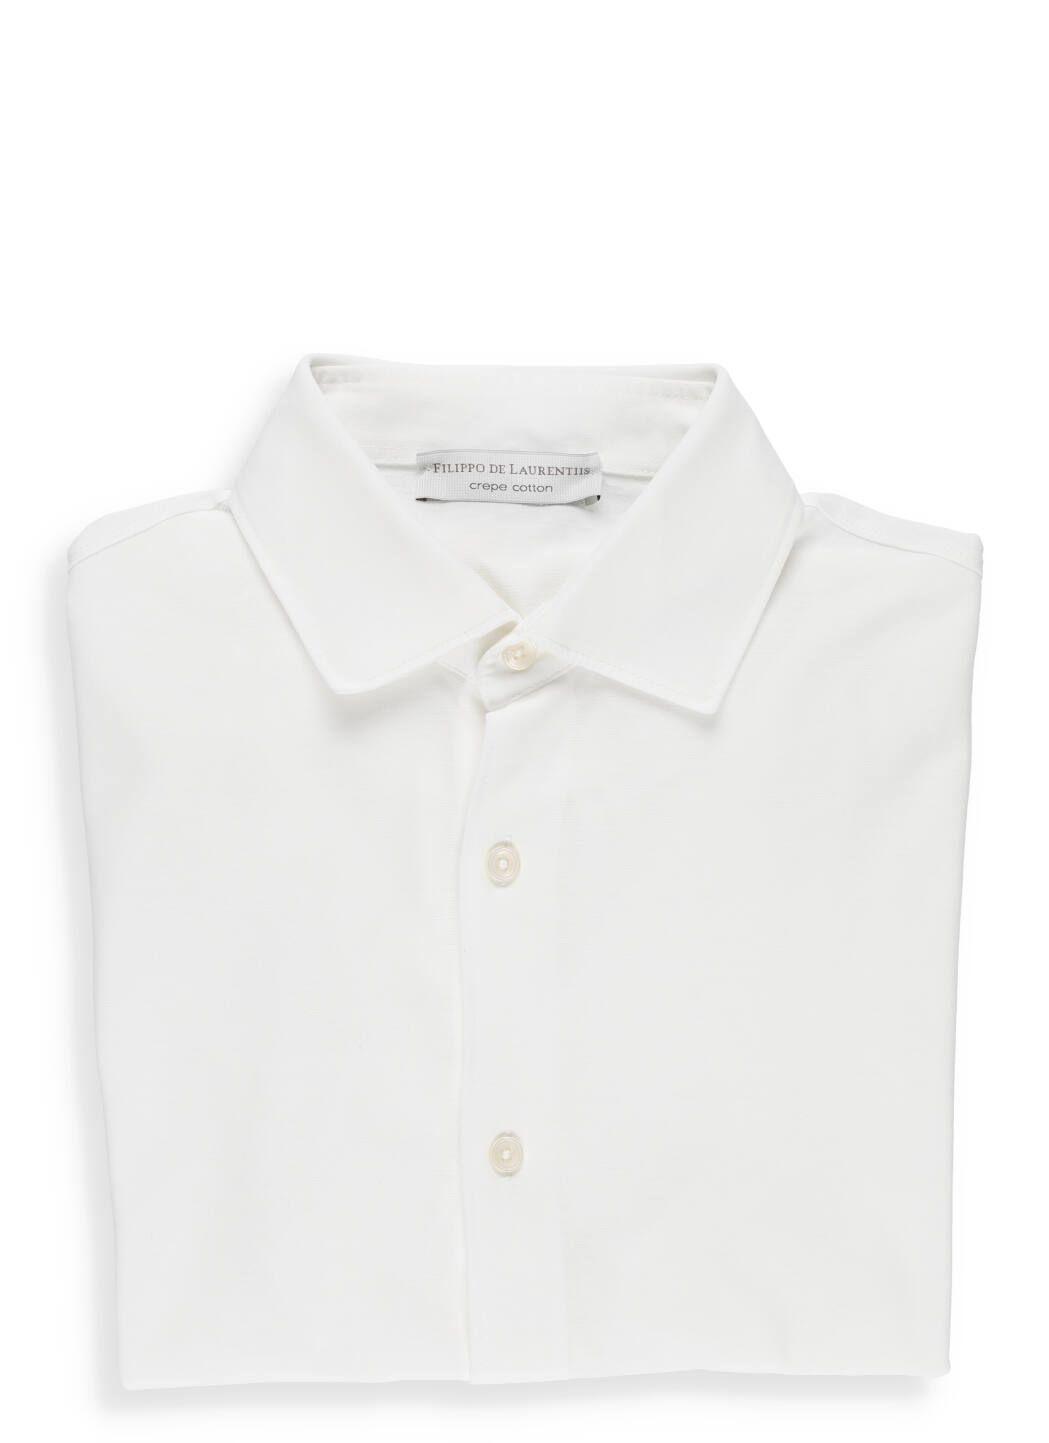 Camicia in cotone crepe